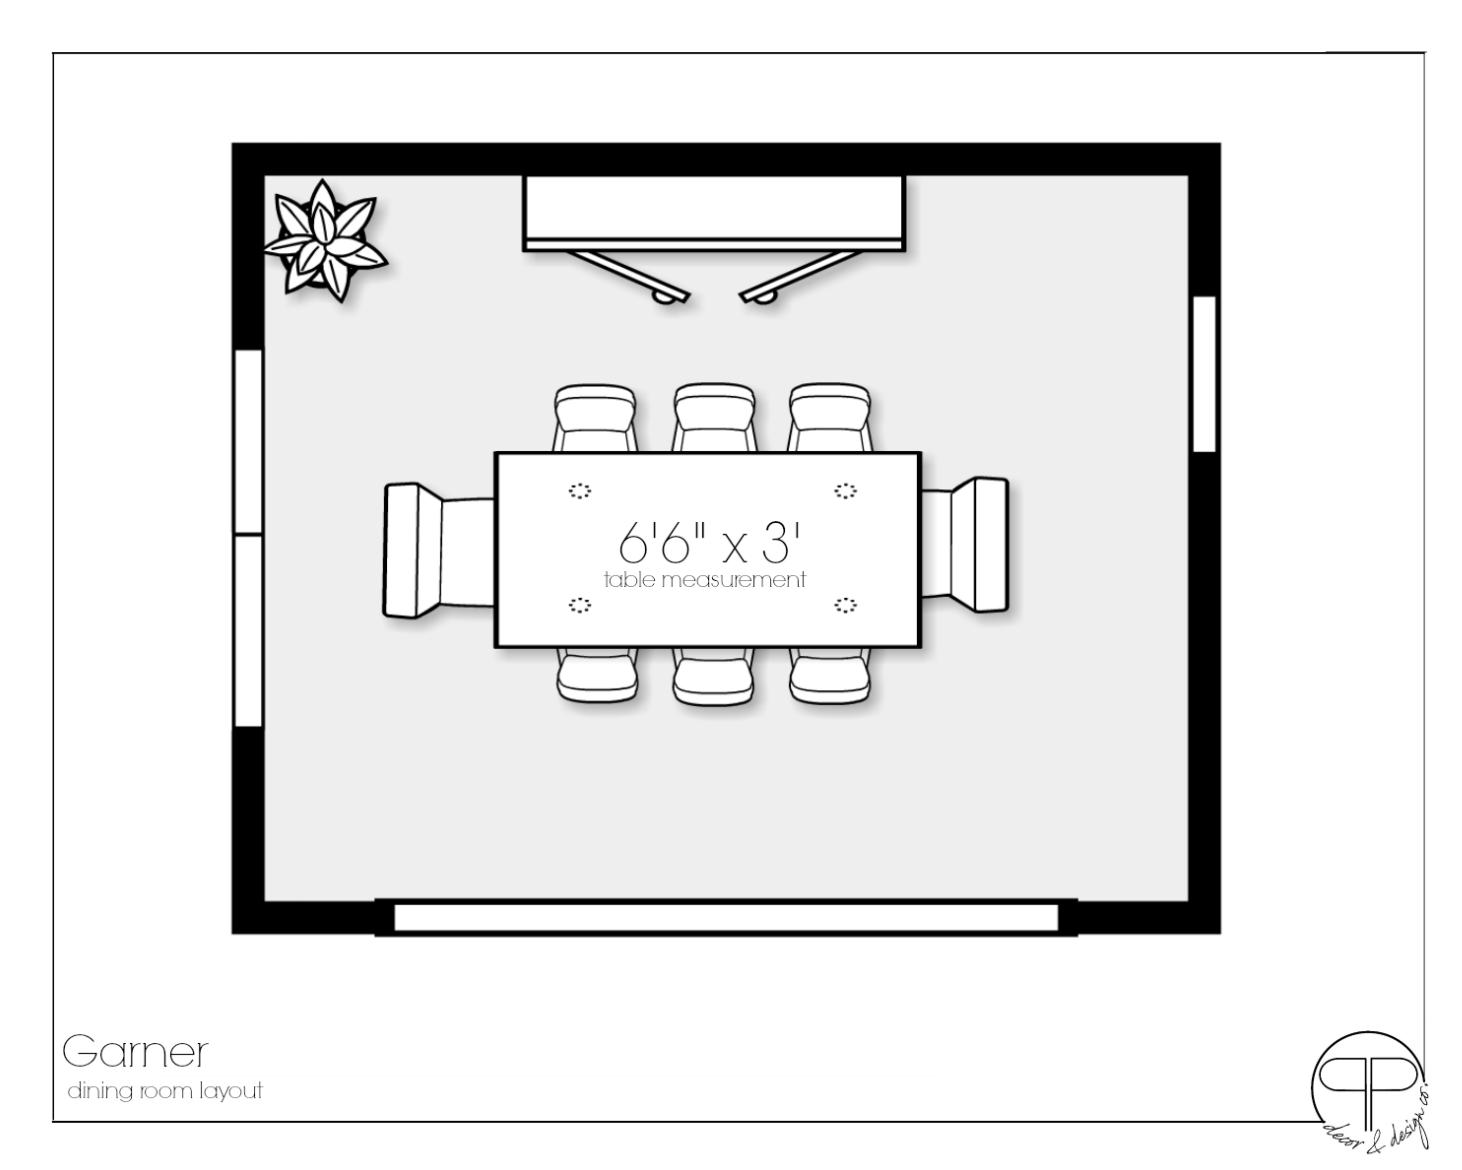 Garner Living Room Layout.png